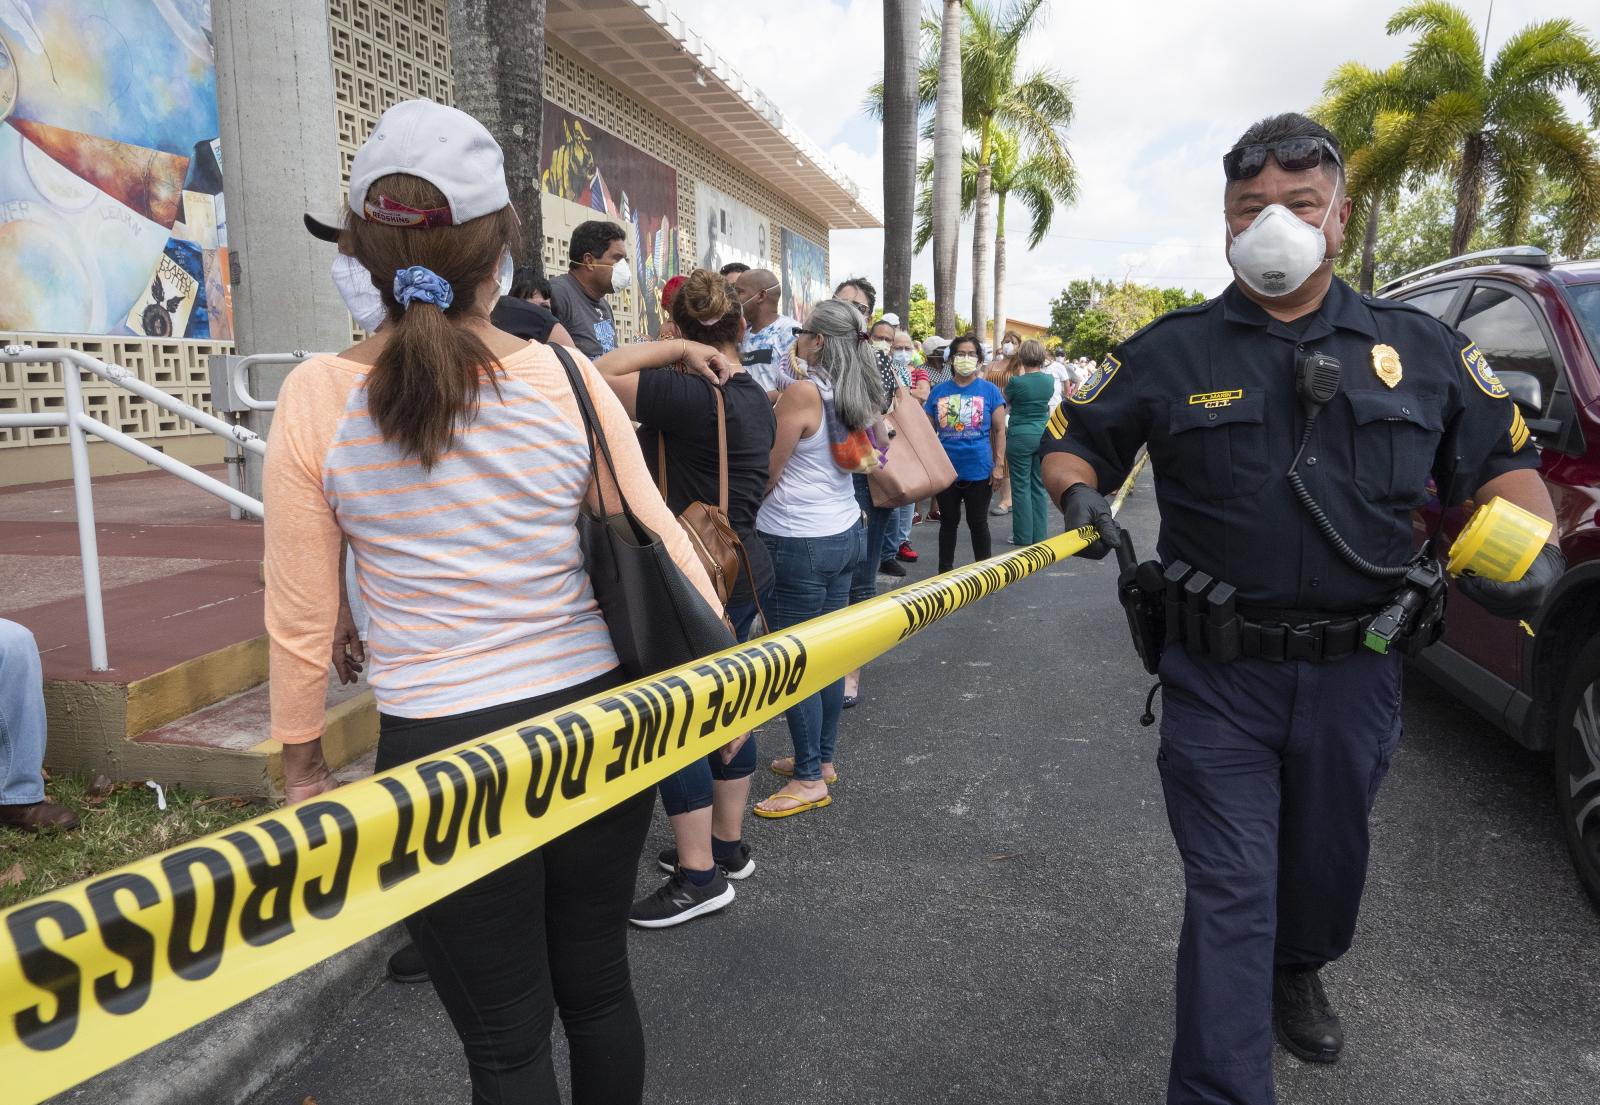 W USA z powodu koronawirusa pracę straciło wielu ludzi. Fot. EPA/CRISTOBAL HERRERA